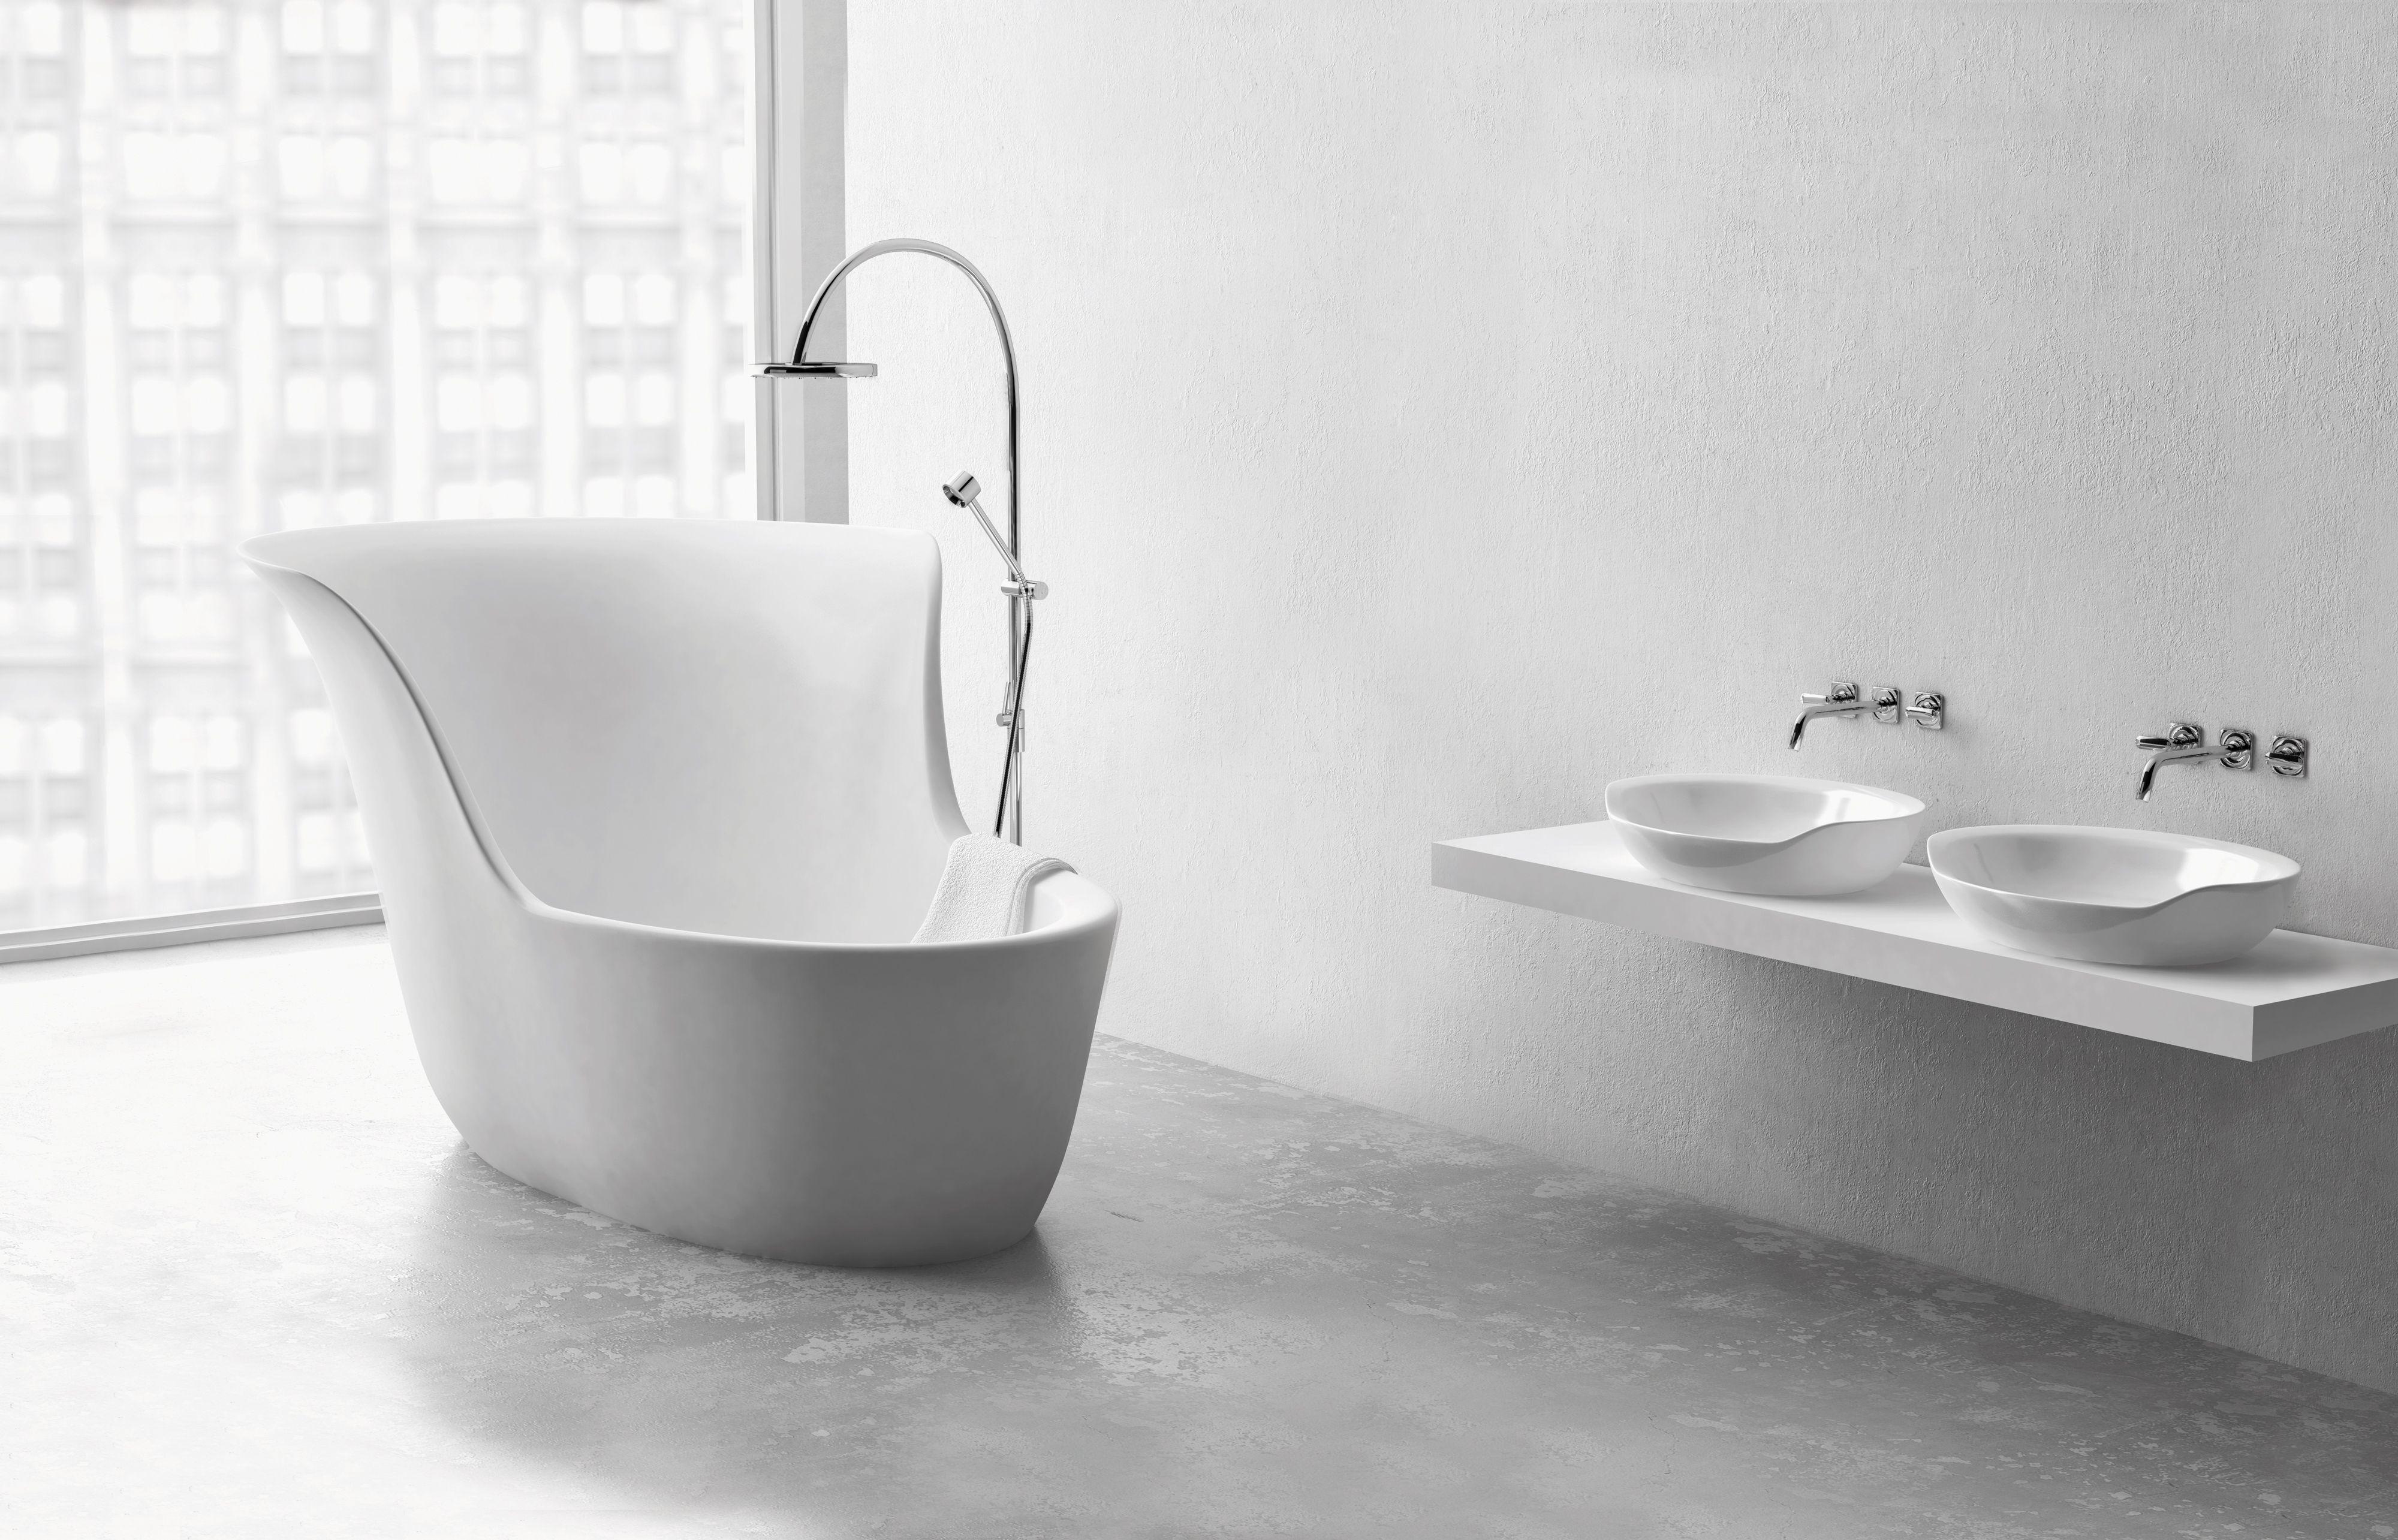 Waschbecken Waschbeckenschrank Badewanne Freistehende Badewanne Badewanne Freistehend Design D Badewanne Badezimmer Klein Badewanne Mit Dusche